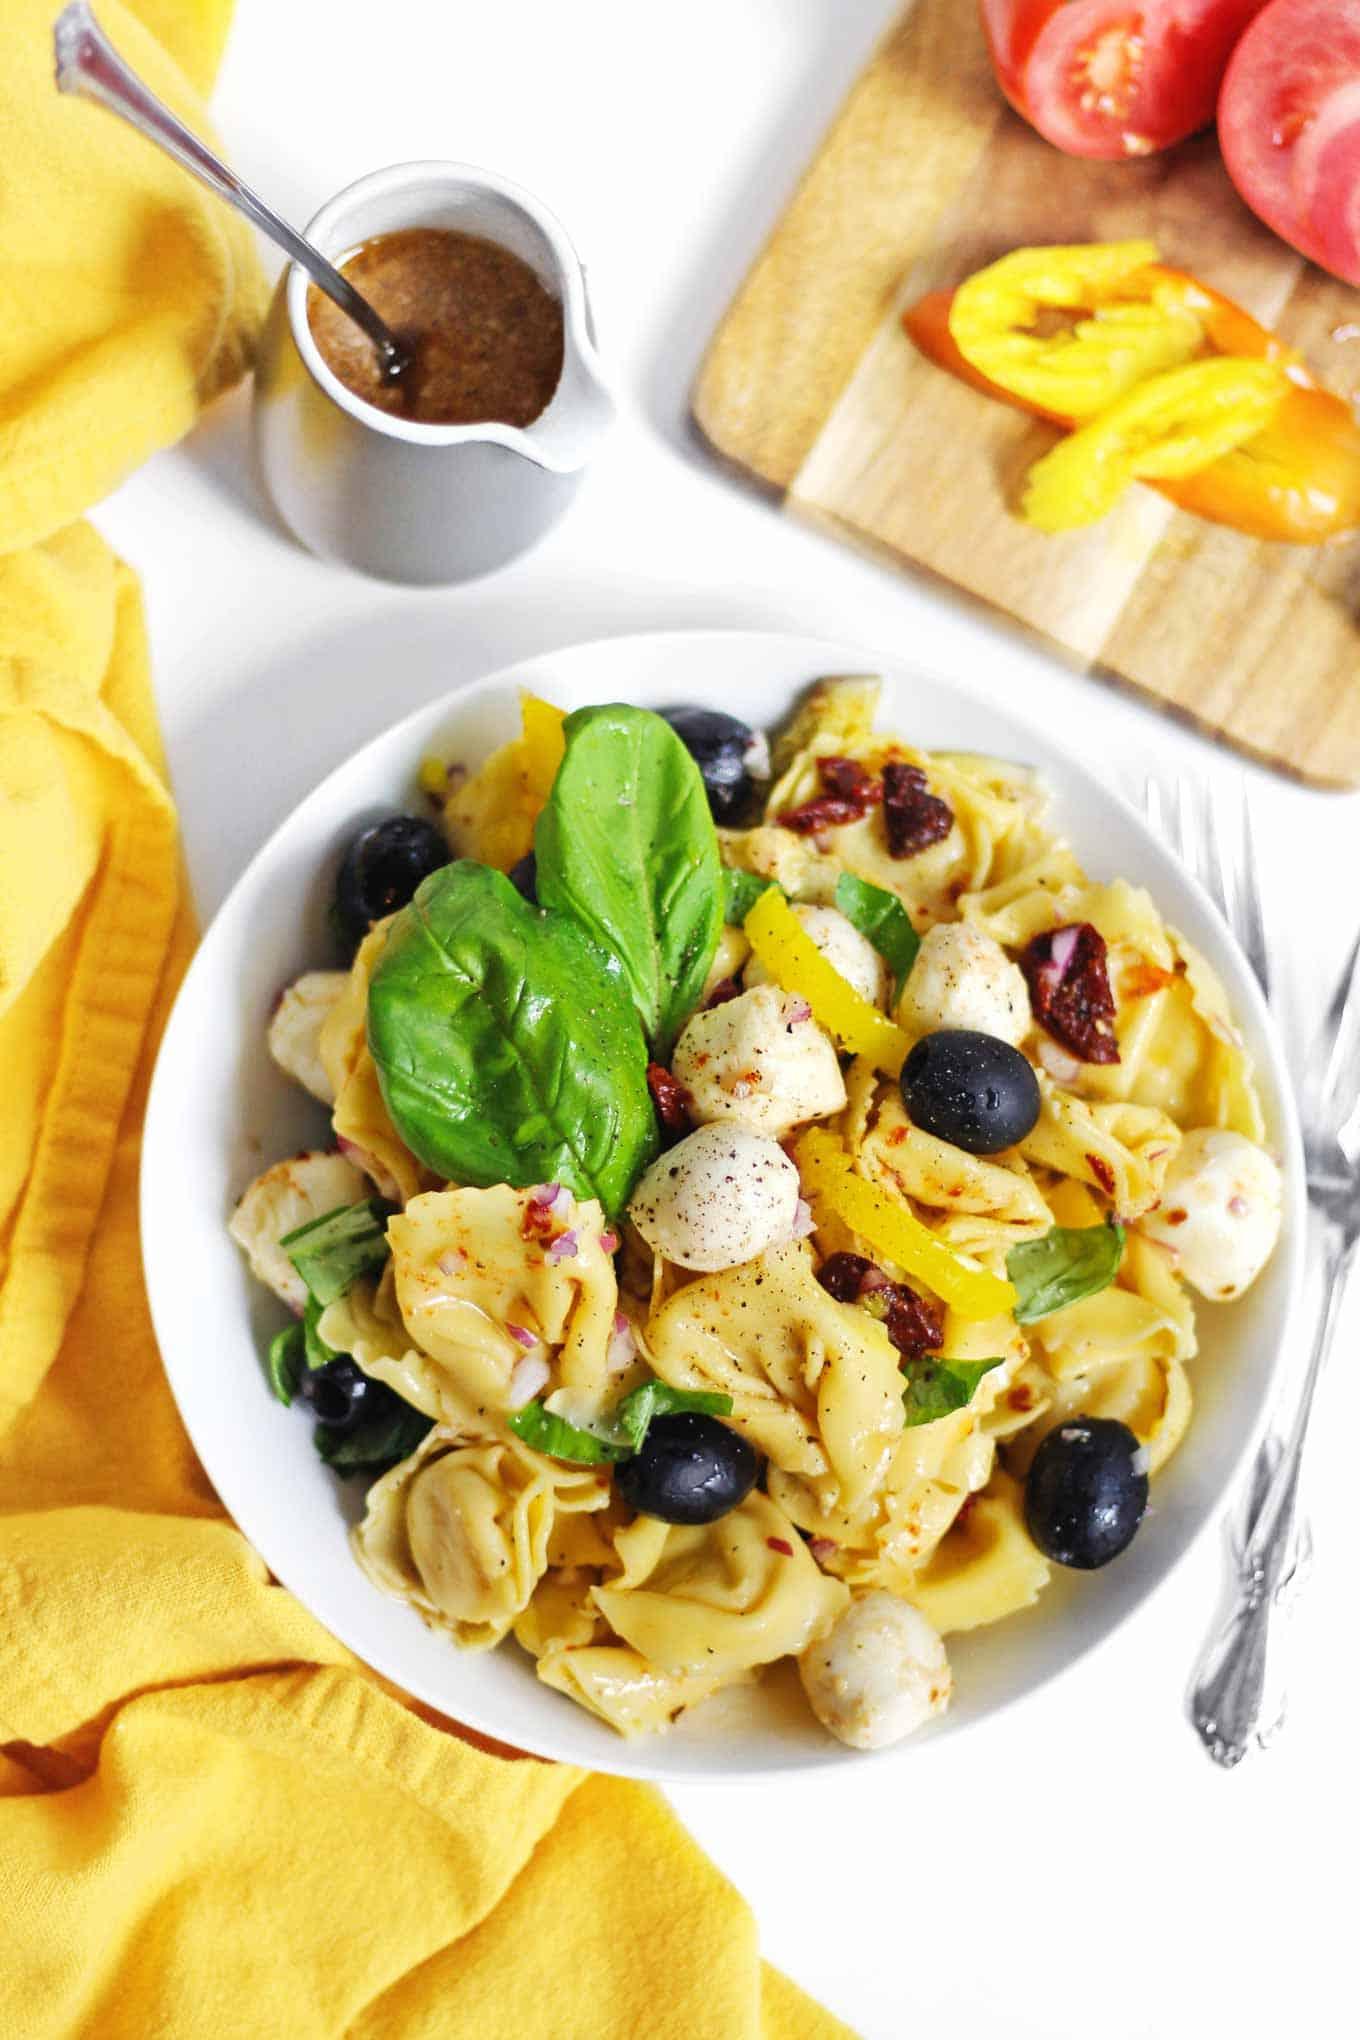 Italian tortellini pasta salad